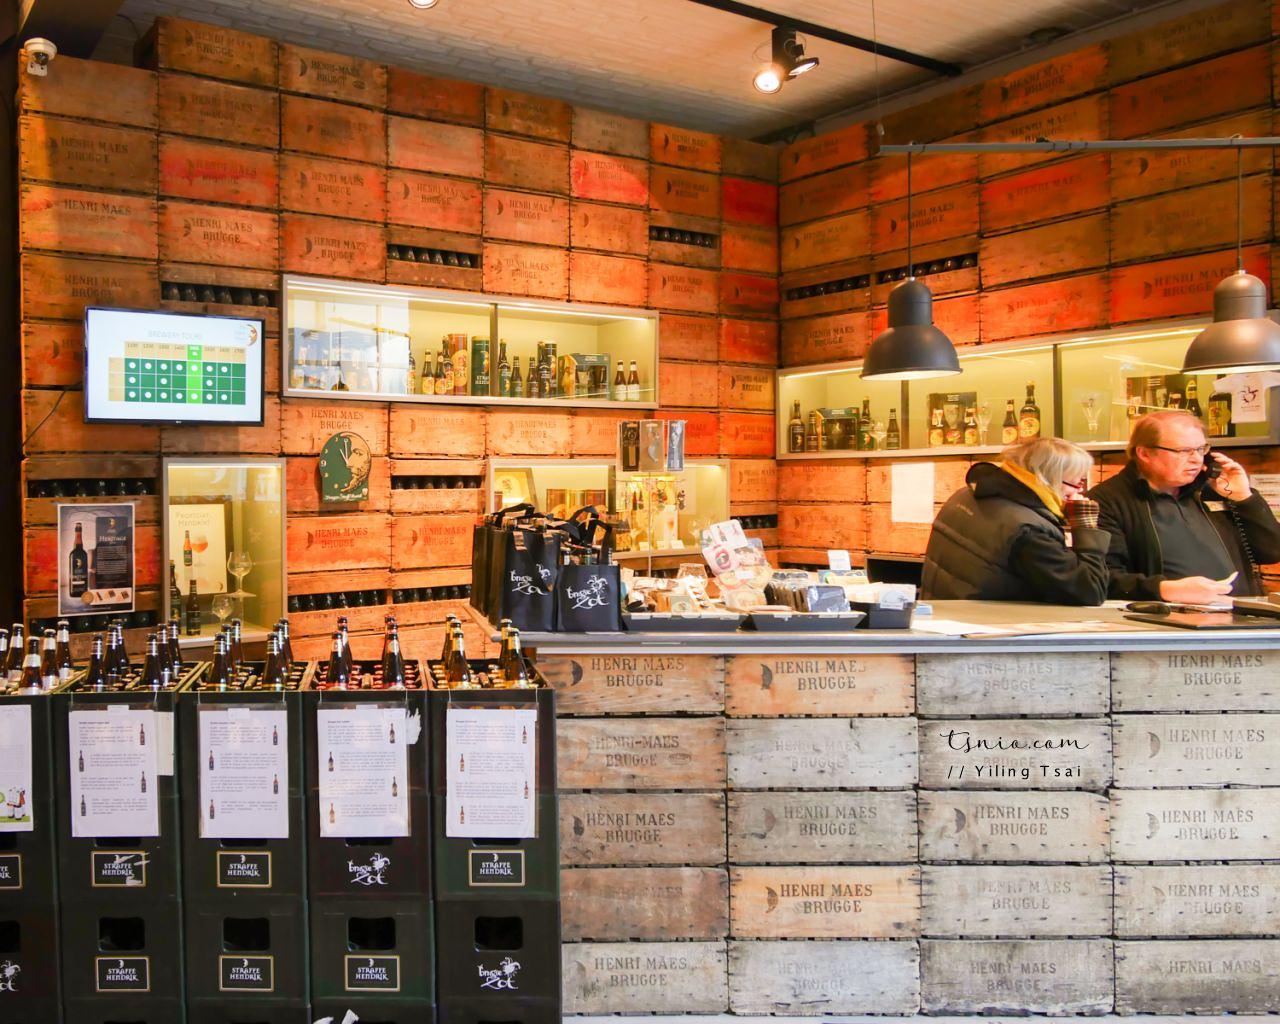 比利時布魯日景點 Brouwerij De Halve Maan 半月啤酒廠